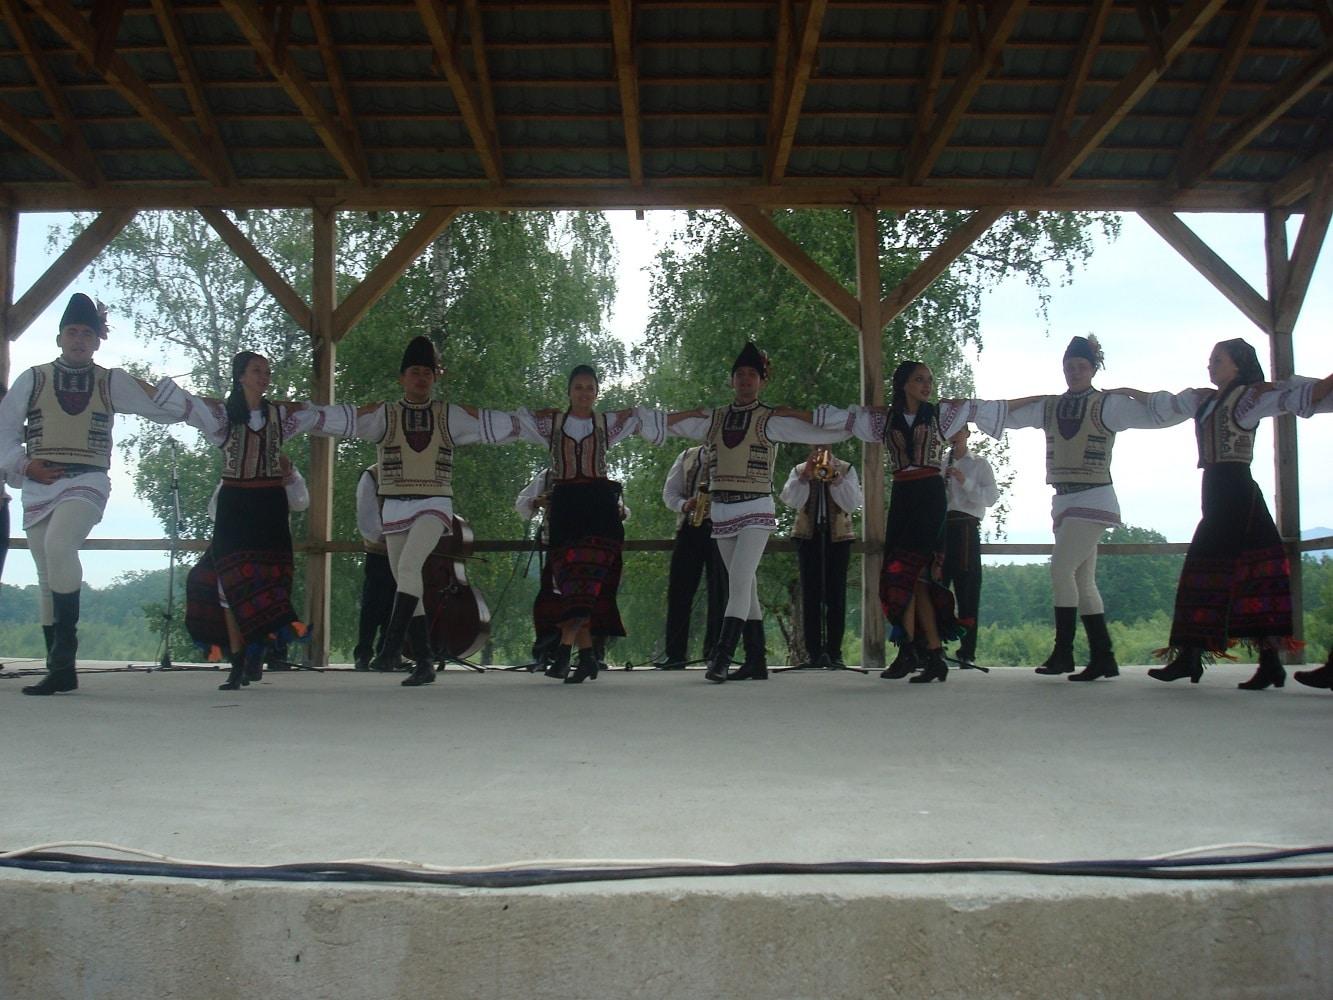 Tineri jucând o horă transilveneană în cadrul Festivalului Narciselor